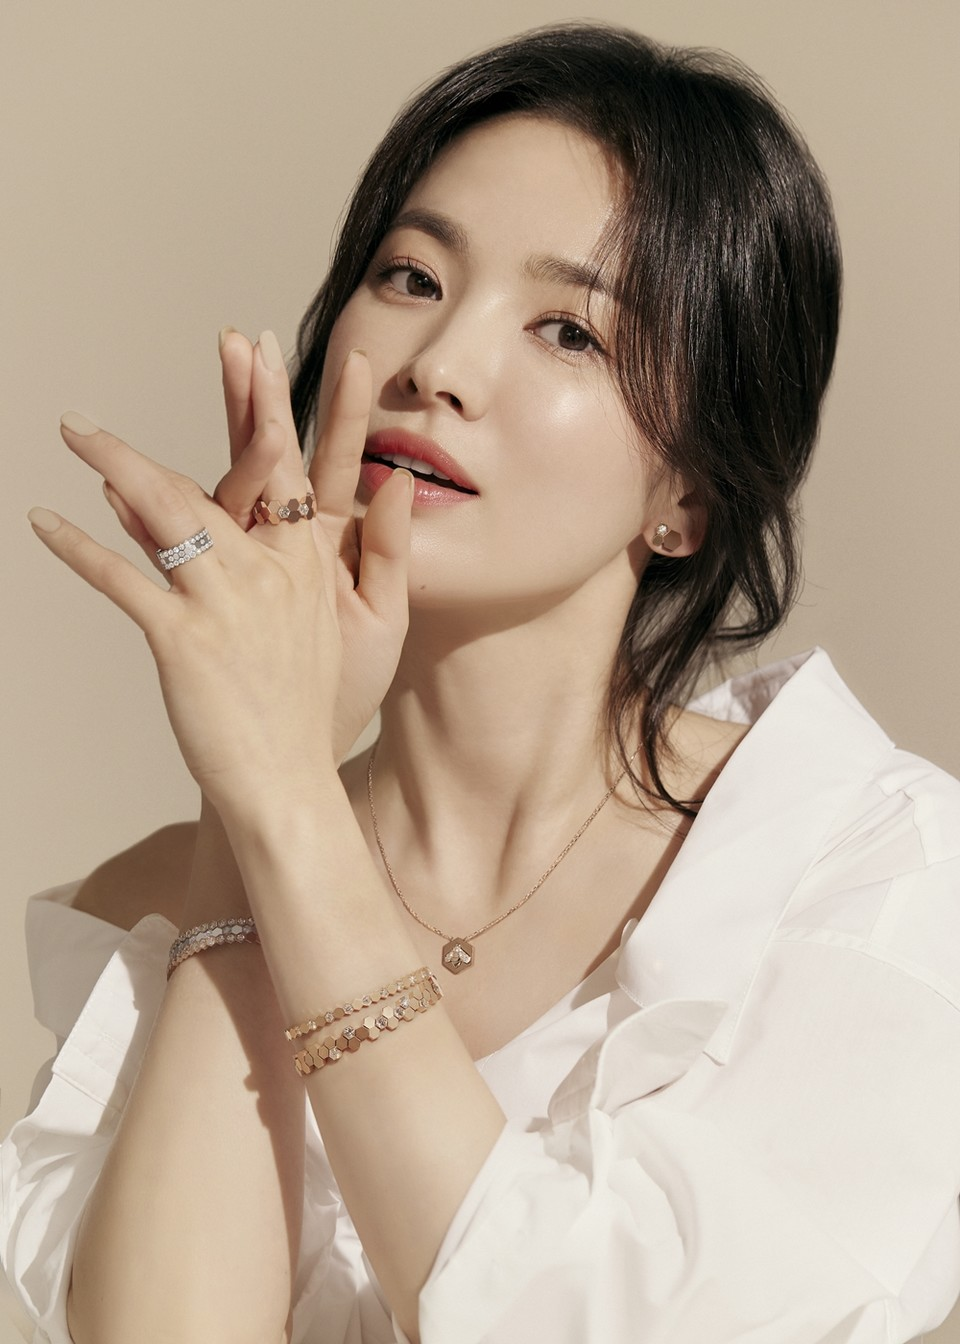 송혜교, '다이아몬드보다 빛나는 비주얼'(화보)